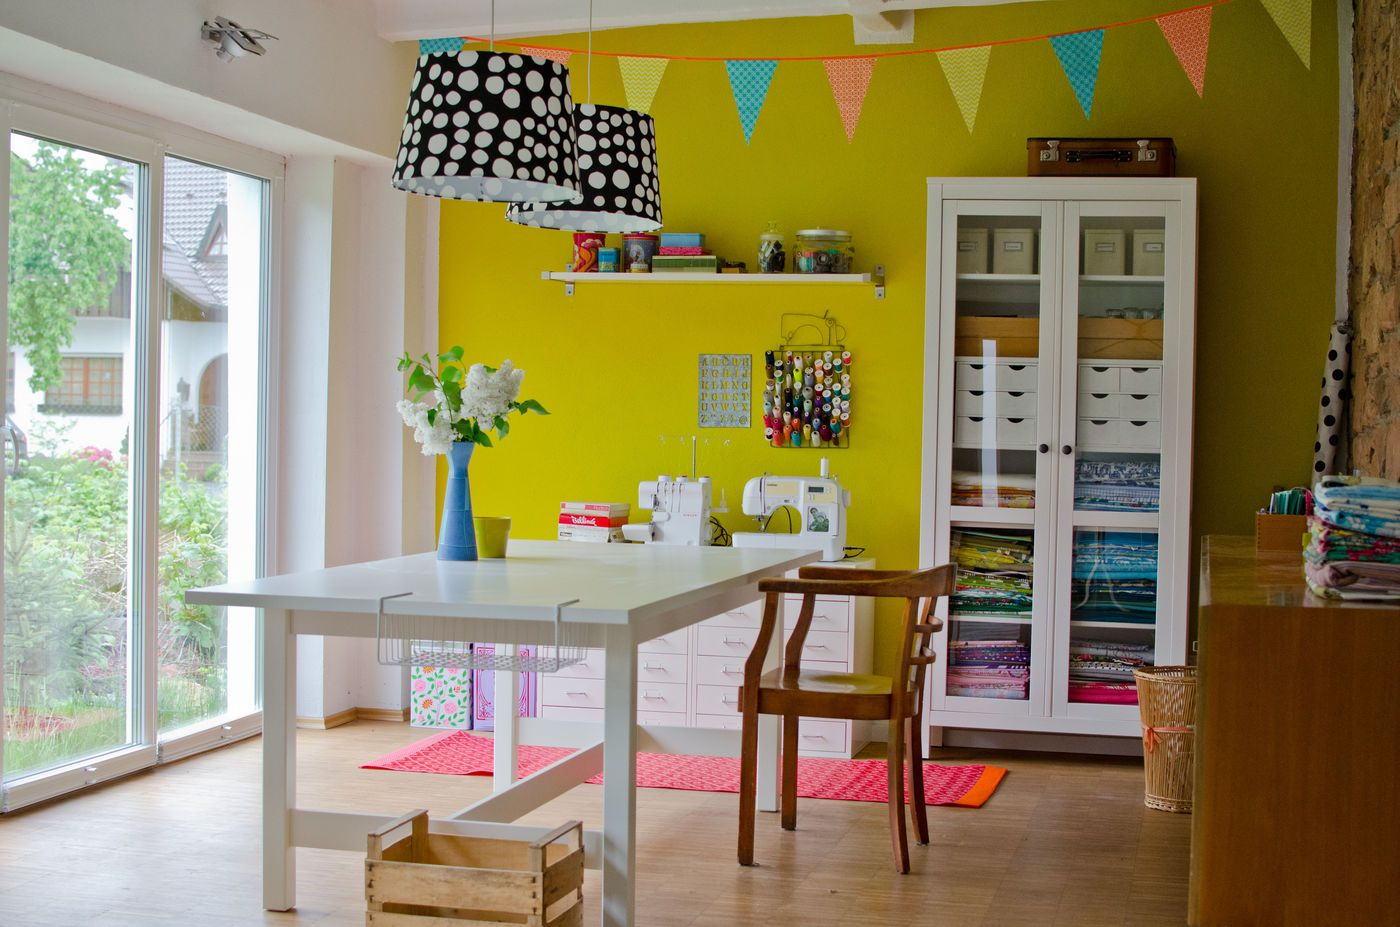 Atelier Einrichten atelier atelierwohnung einrichten die besten ideen seite 4